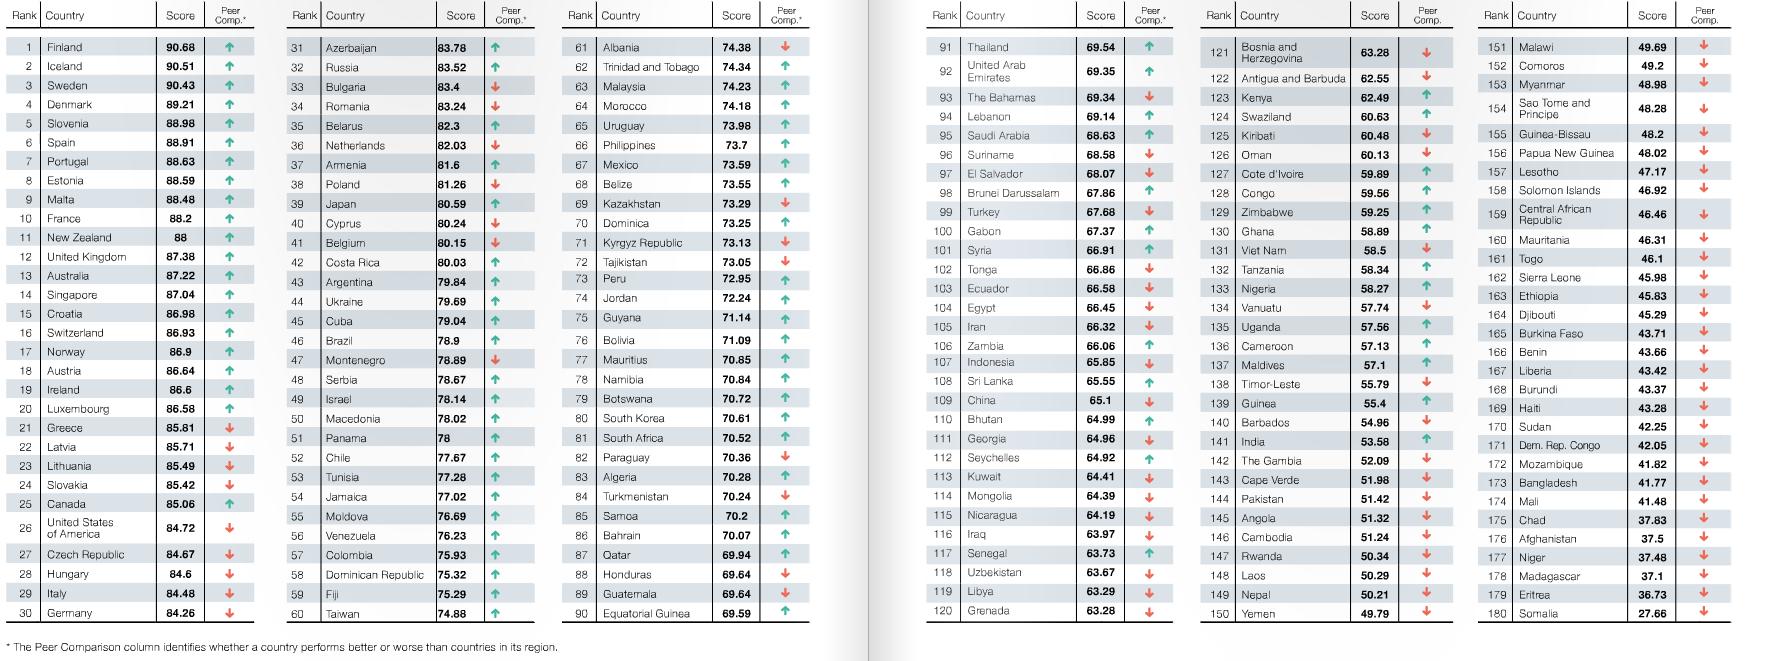 classifica dei paesi più green del mondo secondo l'Environmental Performance Index del 2016